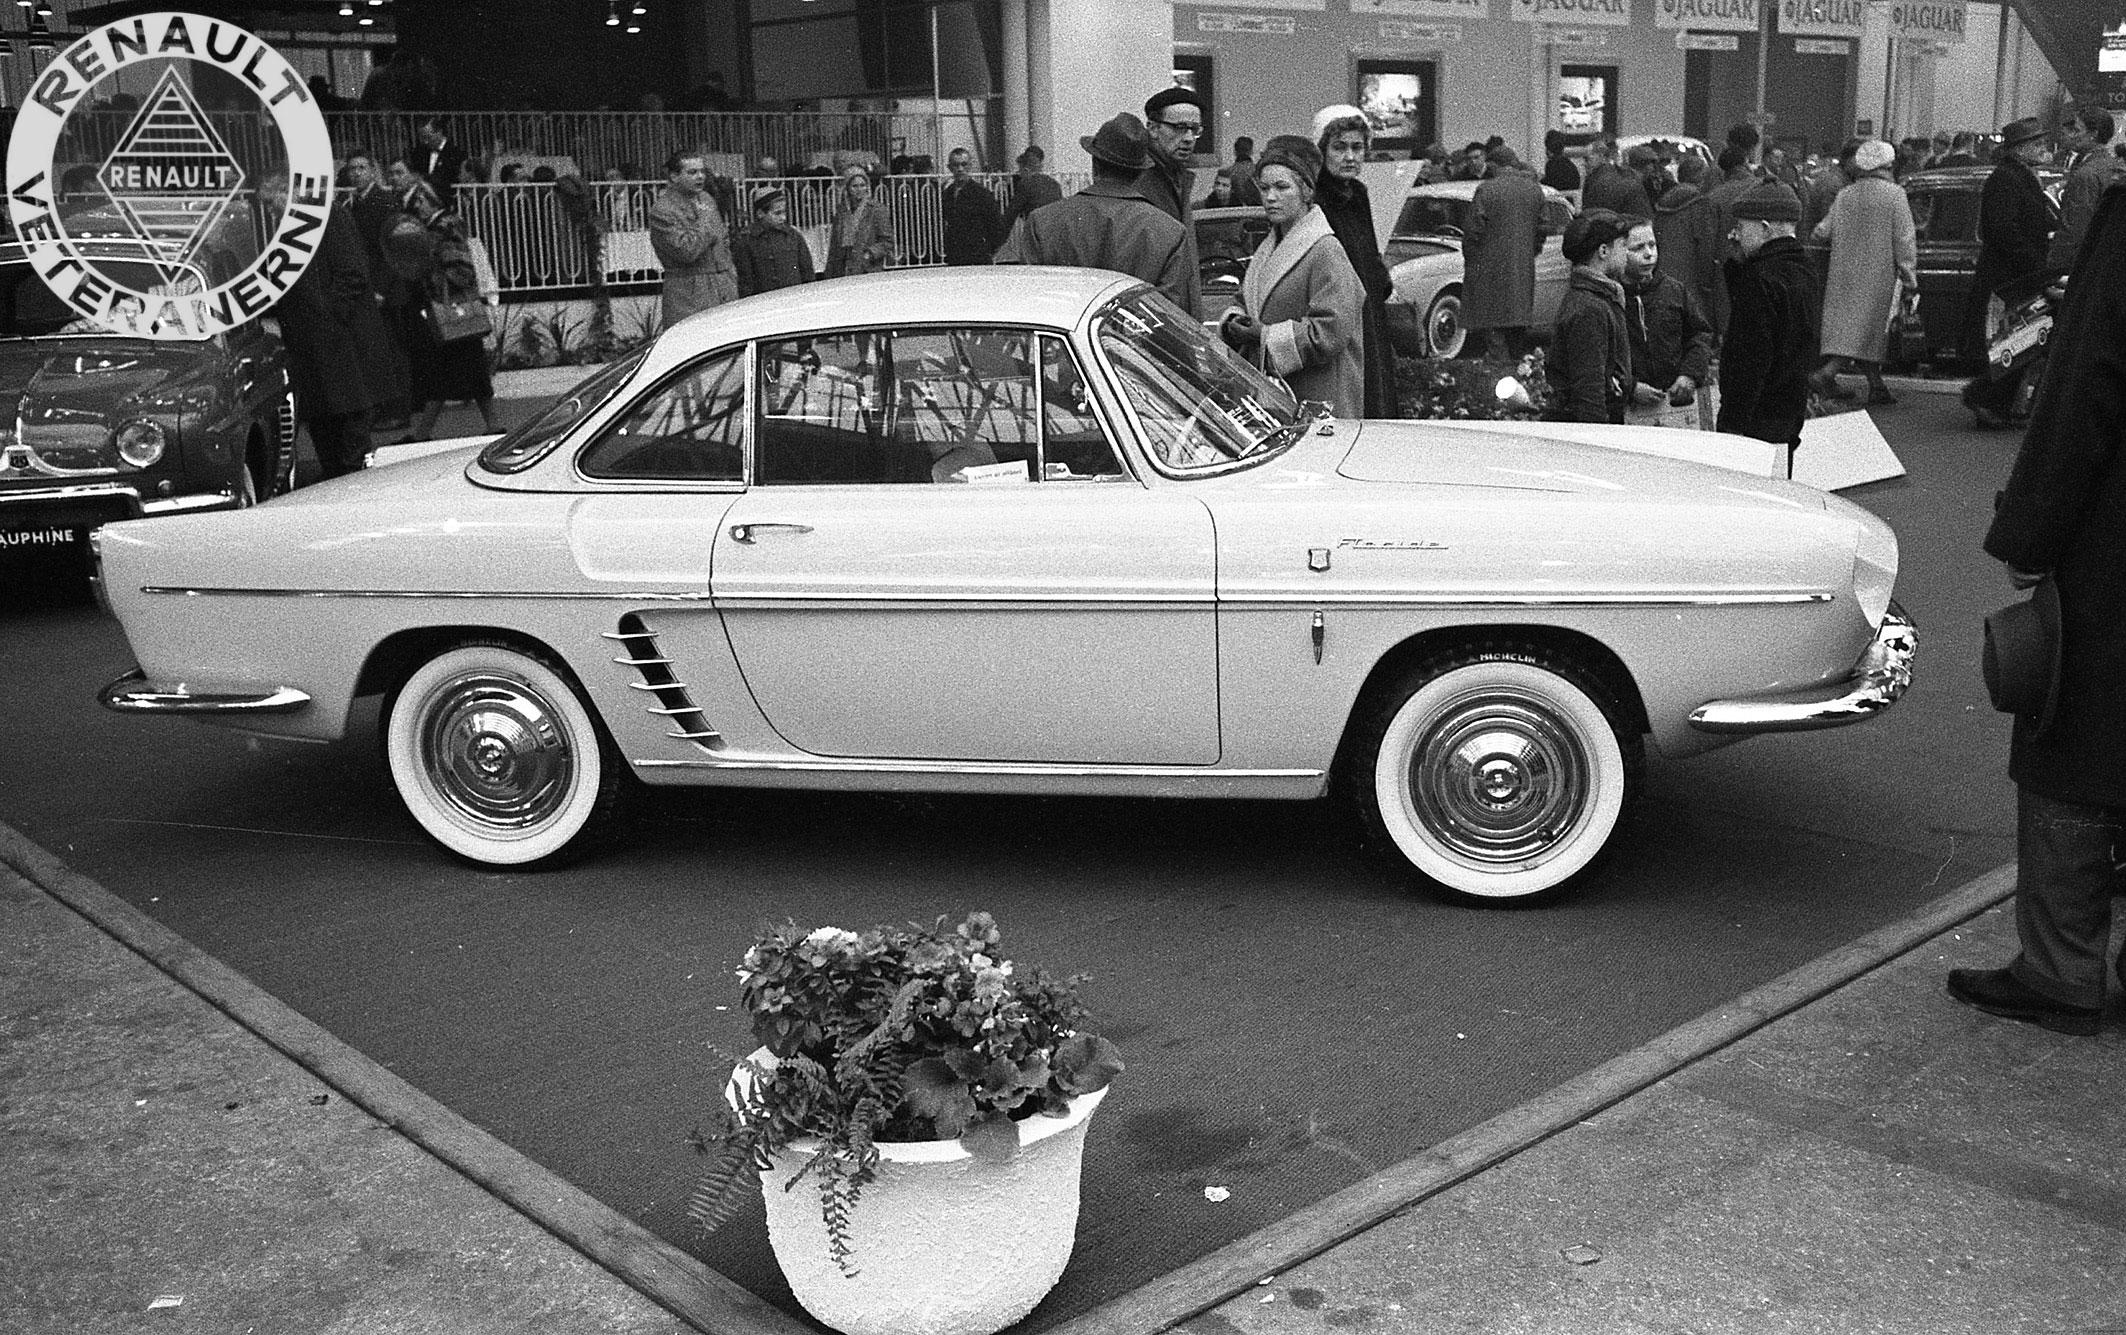 Floride introduceres i Fyns Forum i 1960. Bemærk det dansk monterede Ermax blinklys under det fabriksmonterede.